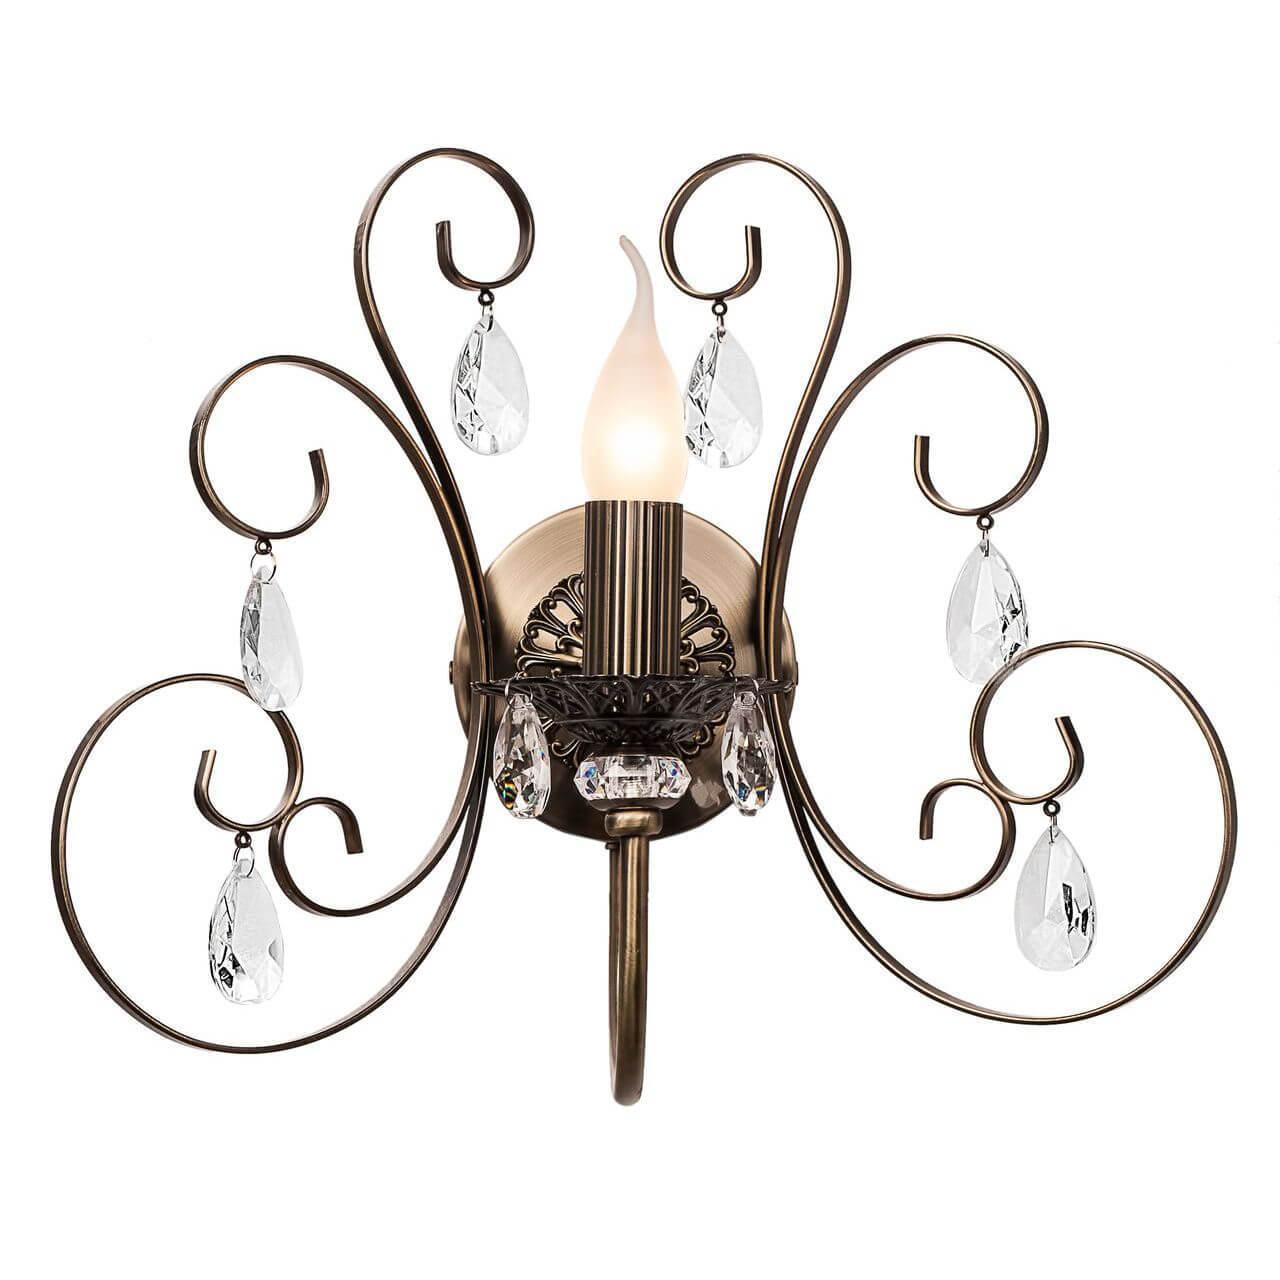 Бра Silver Light 155.43.1, E14, 60 Вт бра silver light vienna 155 43 1